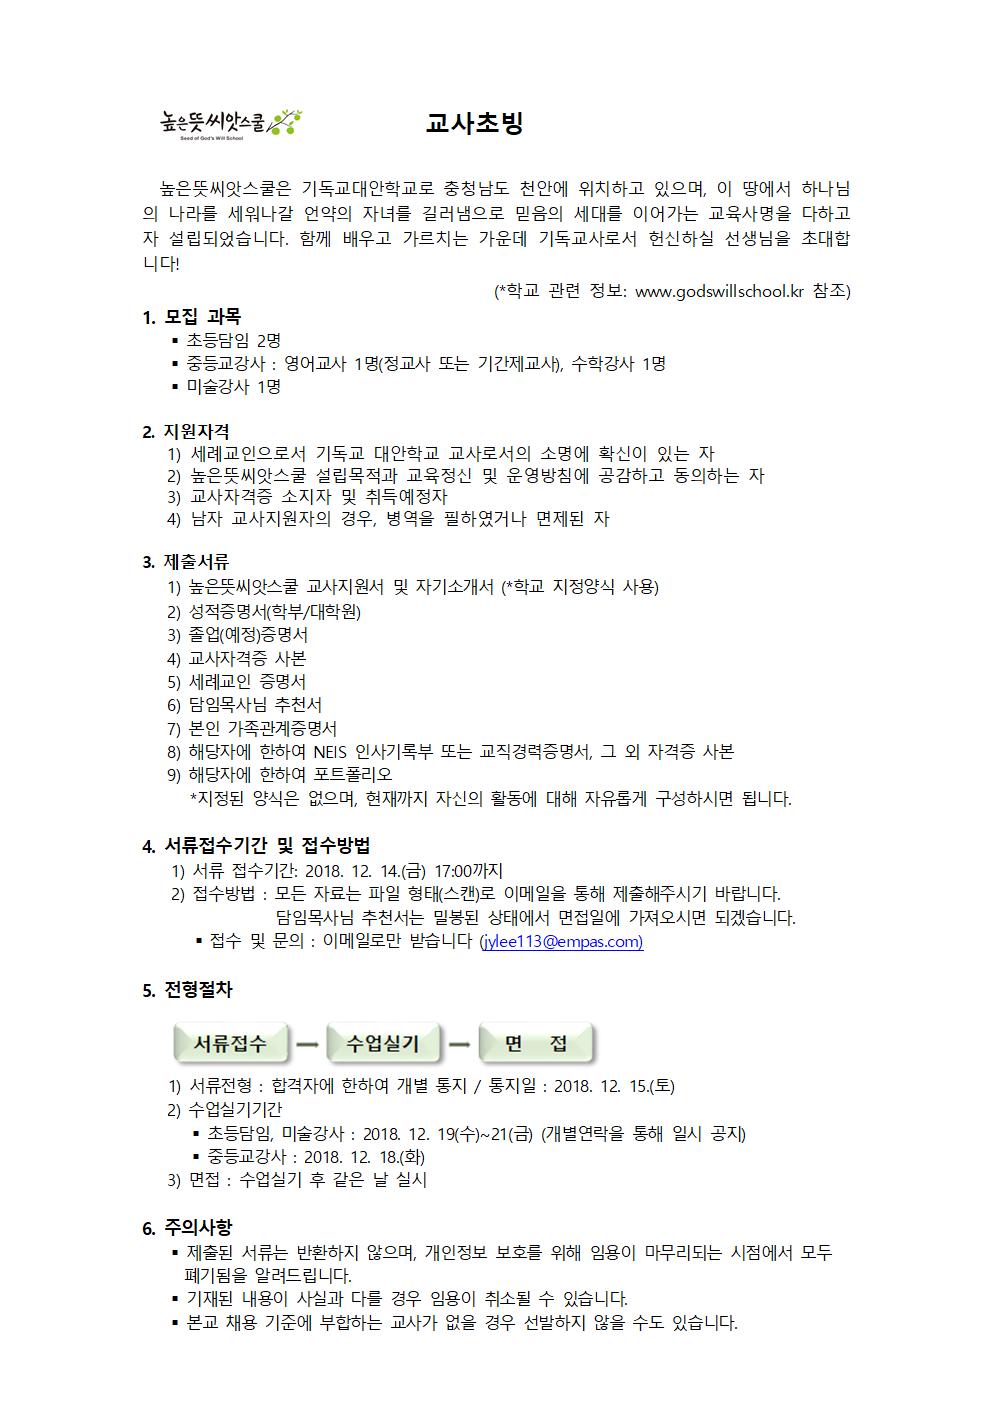 높은뜻양식-교사선발-초중등교사초빙공고 20181129001.png